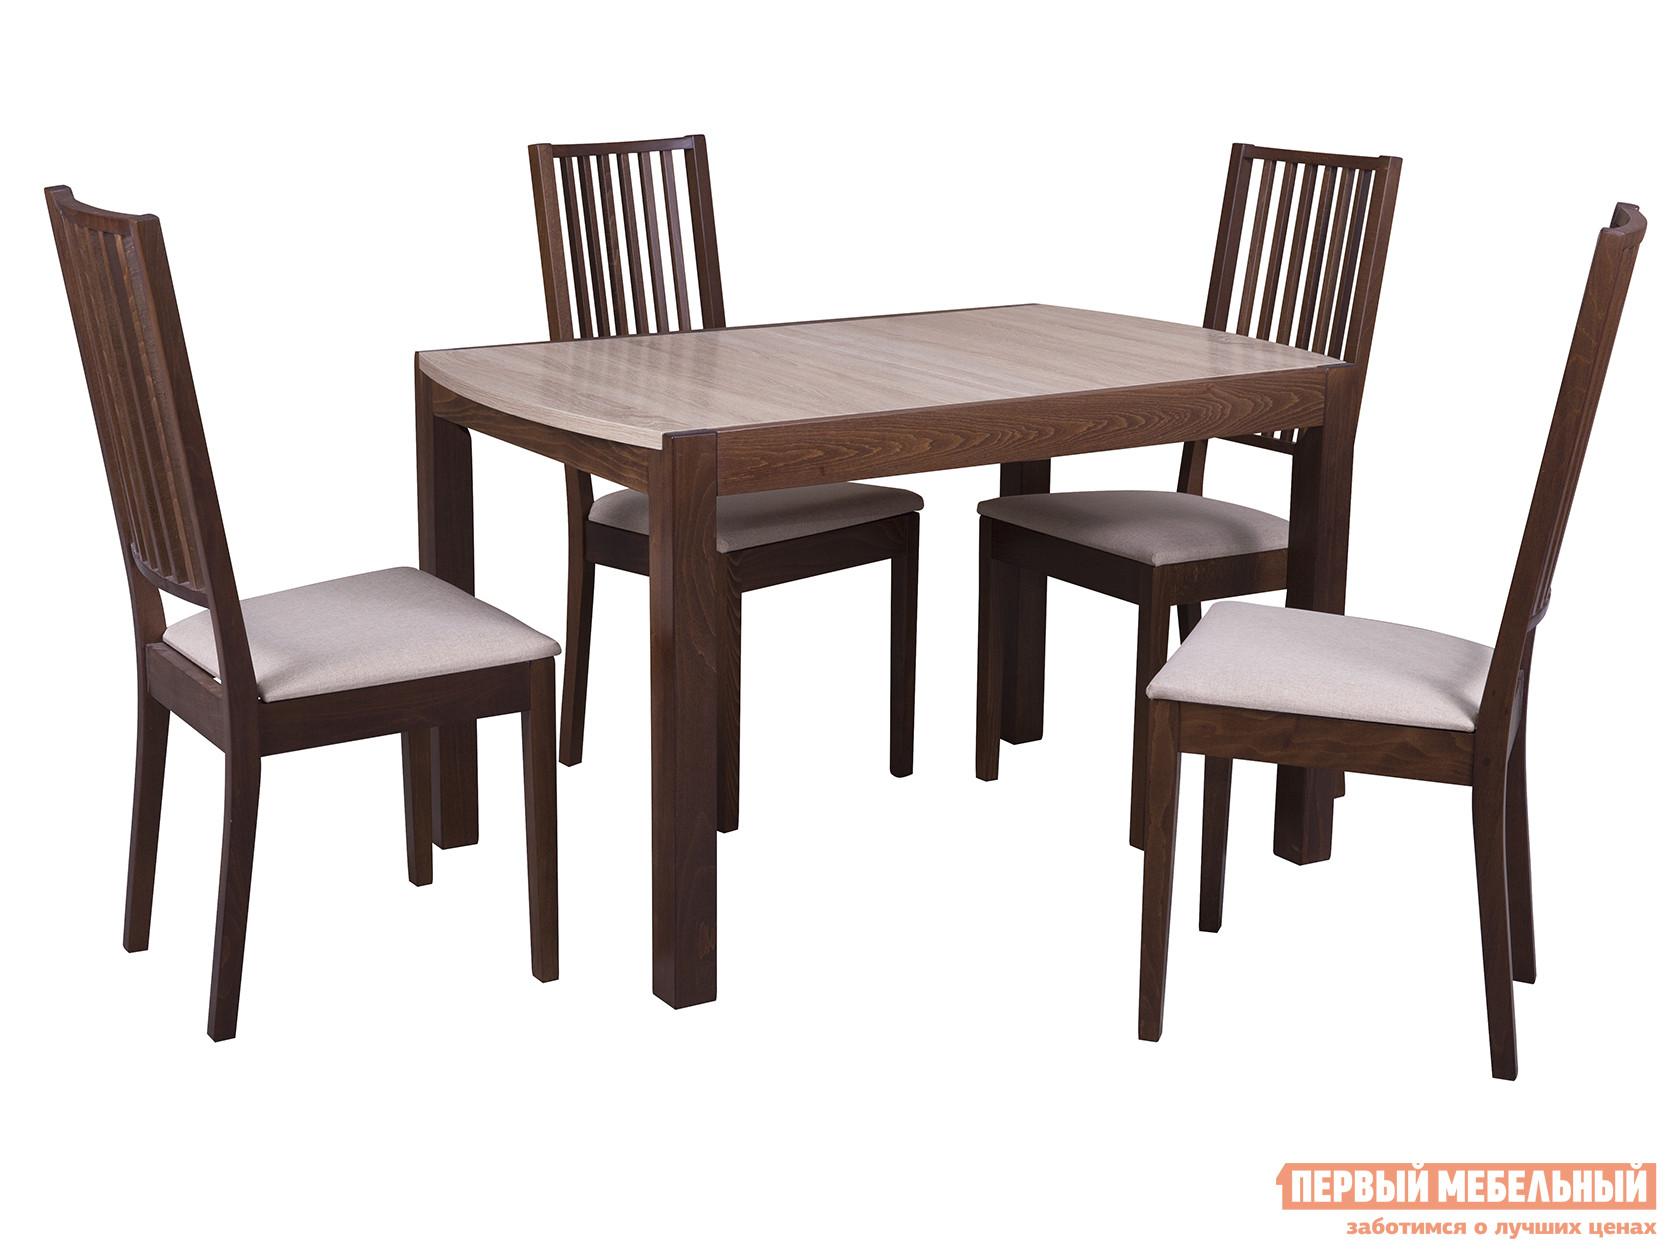 Обеденная группа для столовой и гостиной Mebwill Стол Рига ЛДСП + 4 стула Родос цена 2017